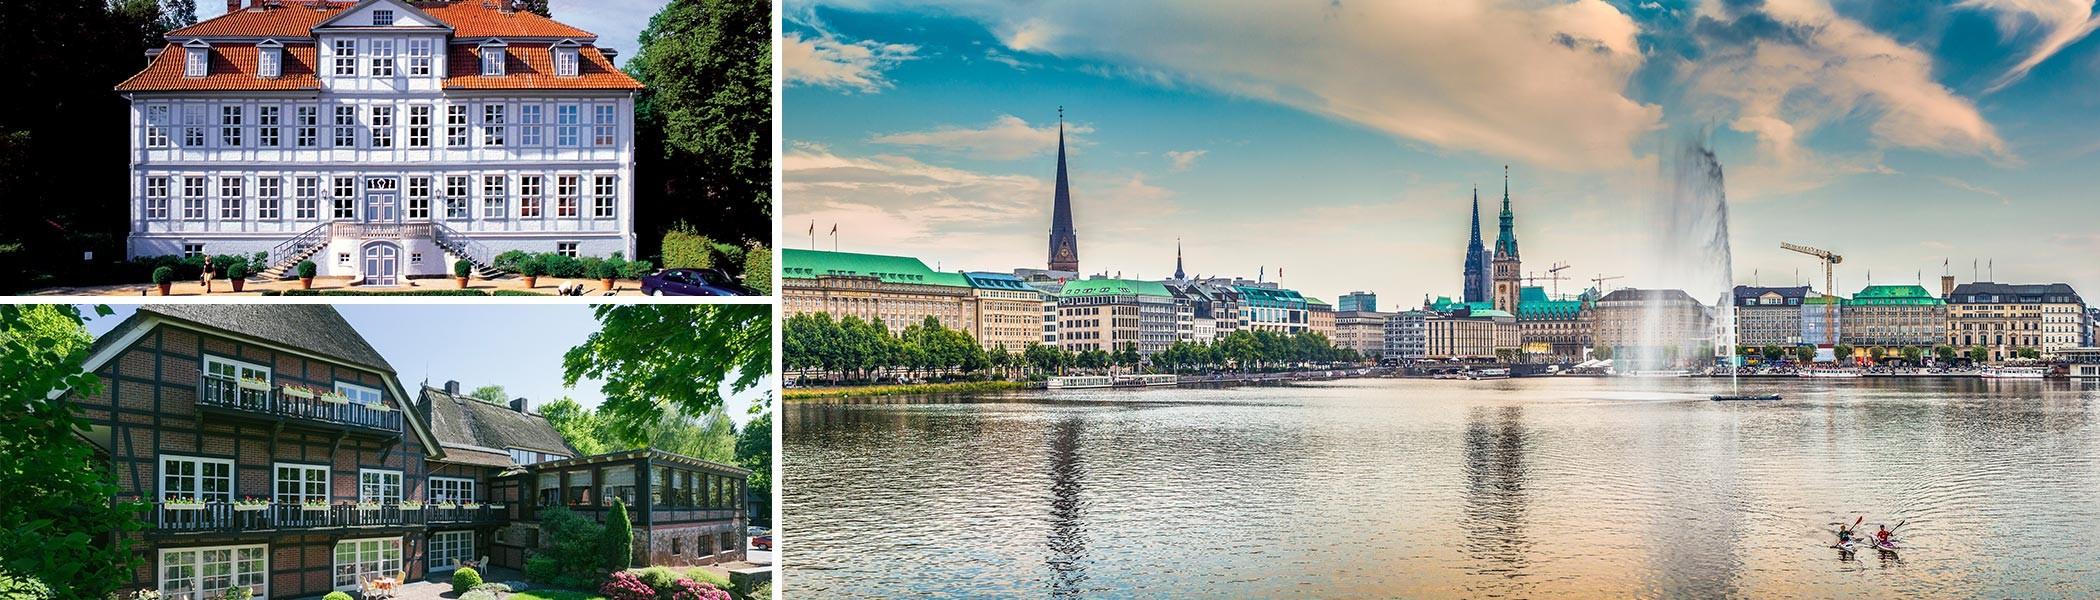 Hamburg und Umgebung-Hotels - VacancyCard-Voucher